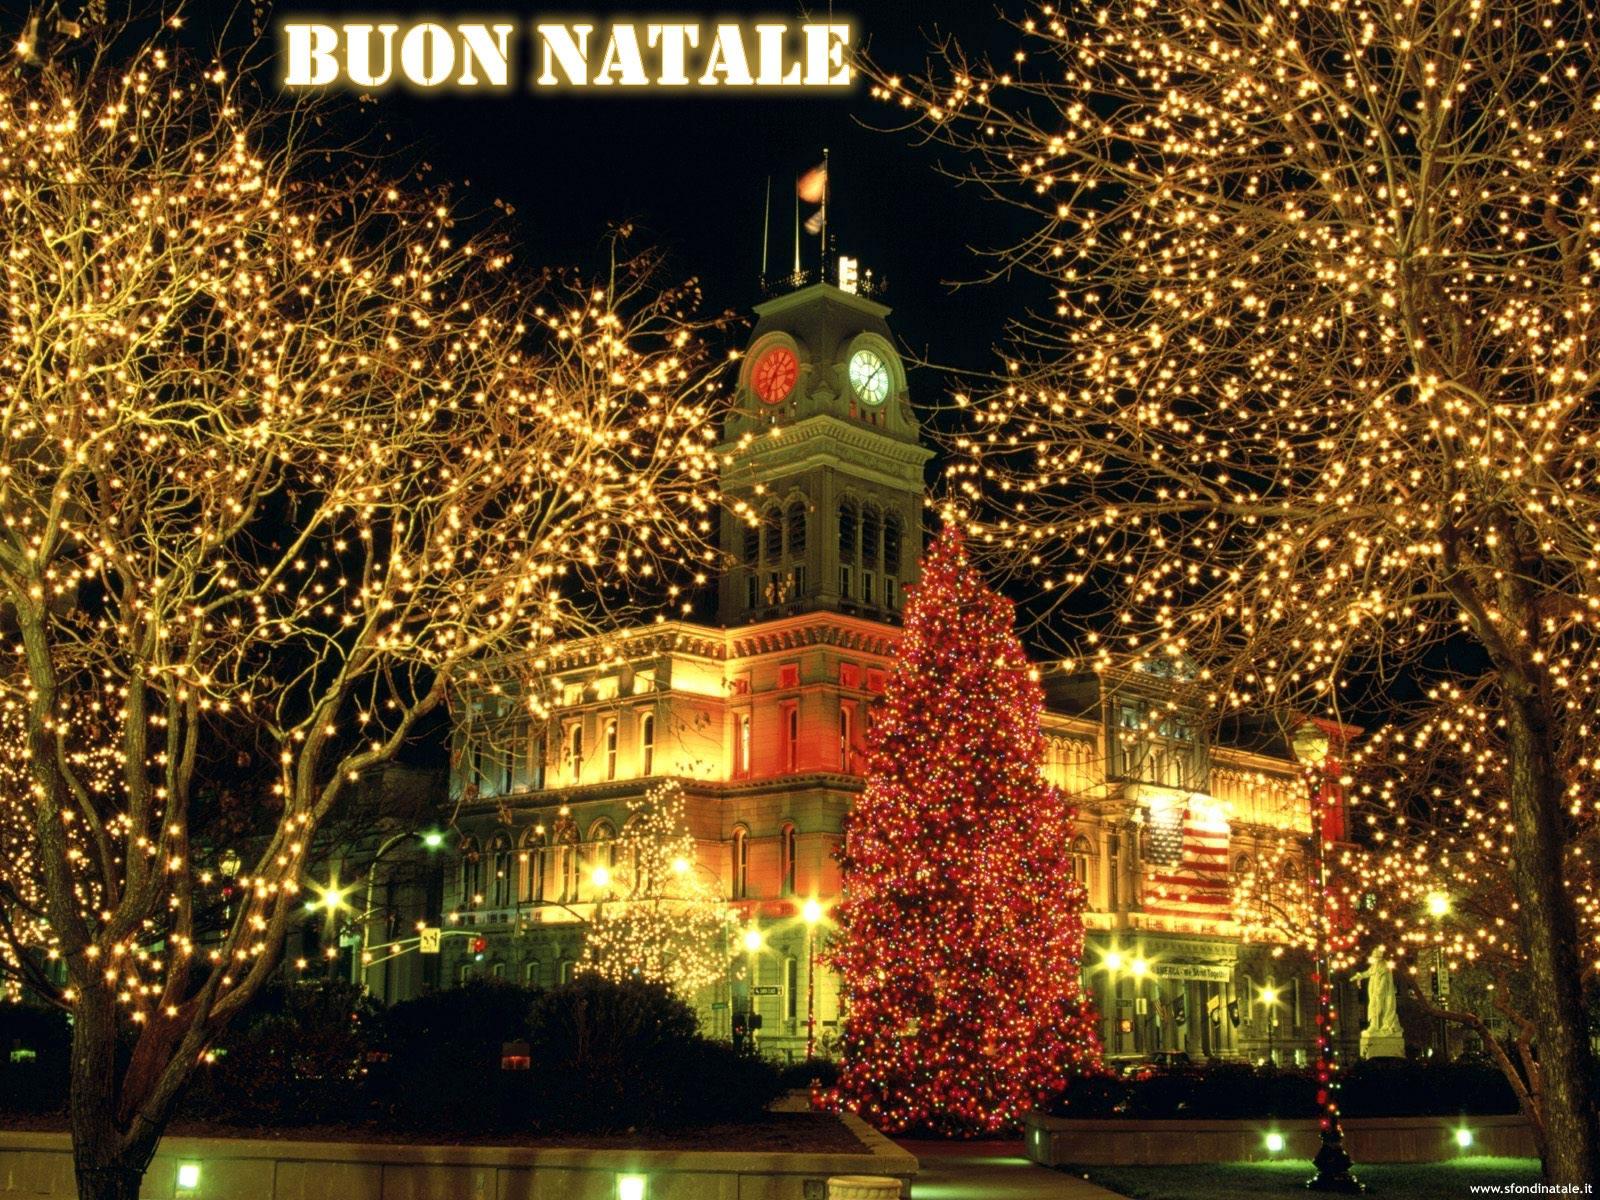 Sfondi Natale - Sfondo Natalizio Buon Natale